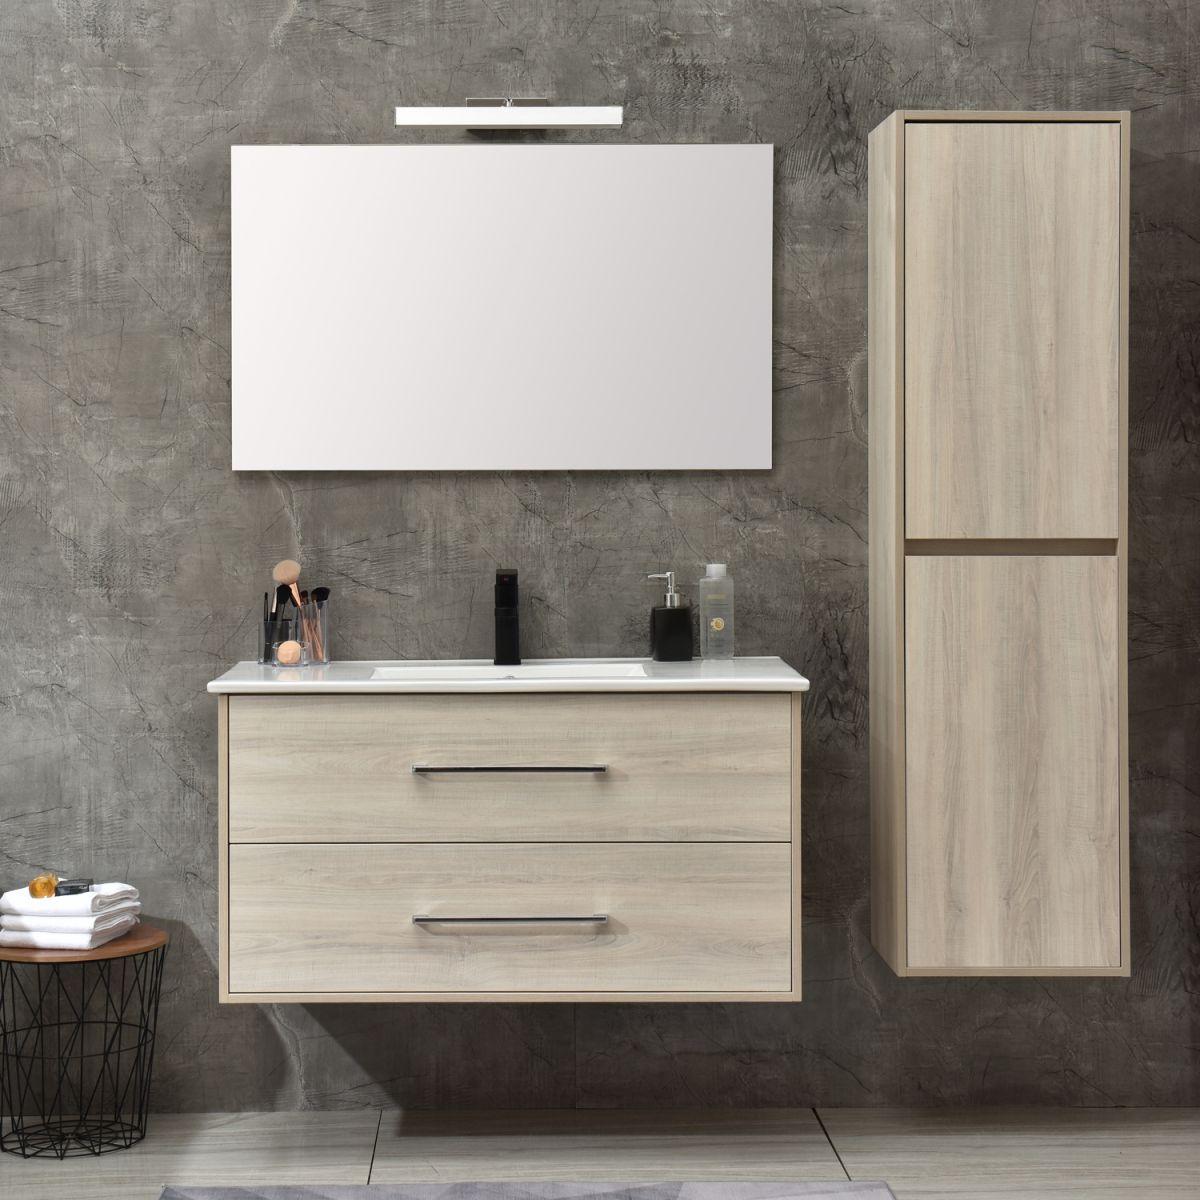 MF 1805 2 W 1 Mobile bagno Praga sospeso 120 cm bianco effetto legno con lavabo,specchio e colonna pensile